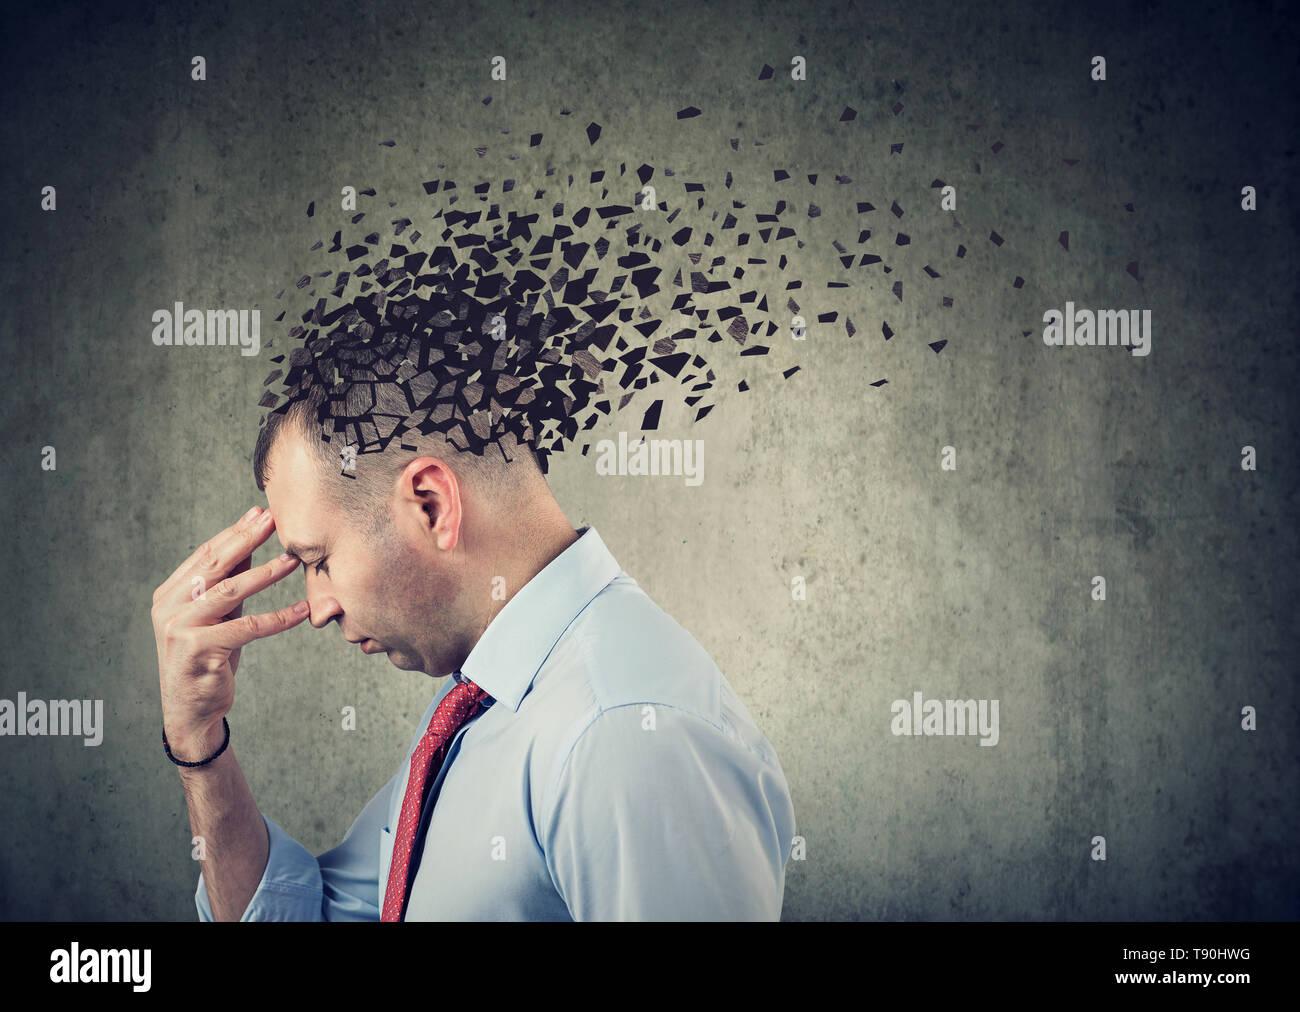 La perdita di memoria a causa di demenza o danni cerebrali. Profilo laterale di un uomo triste perdere parti di testa come simbolo della diminuita funzione della mente Foto Stock